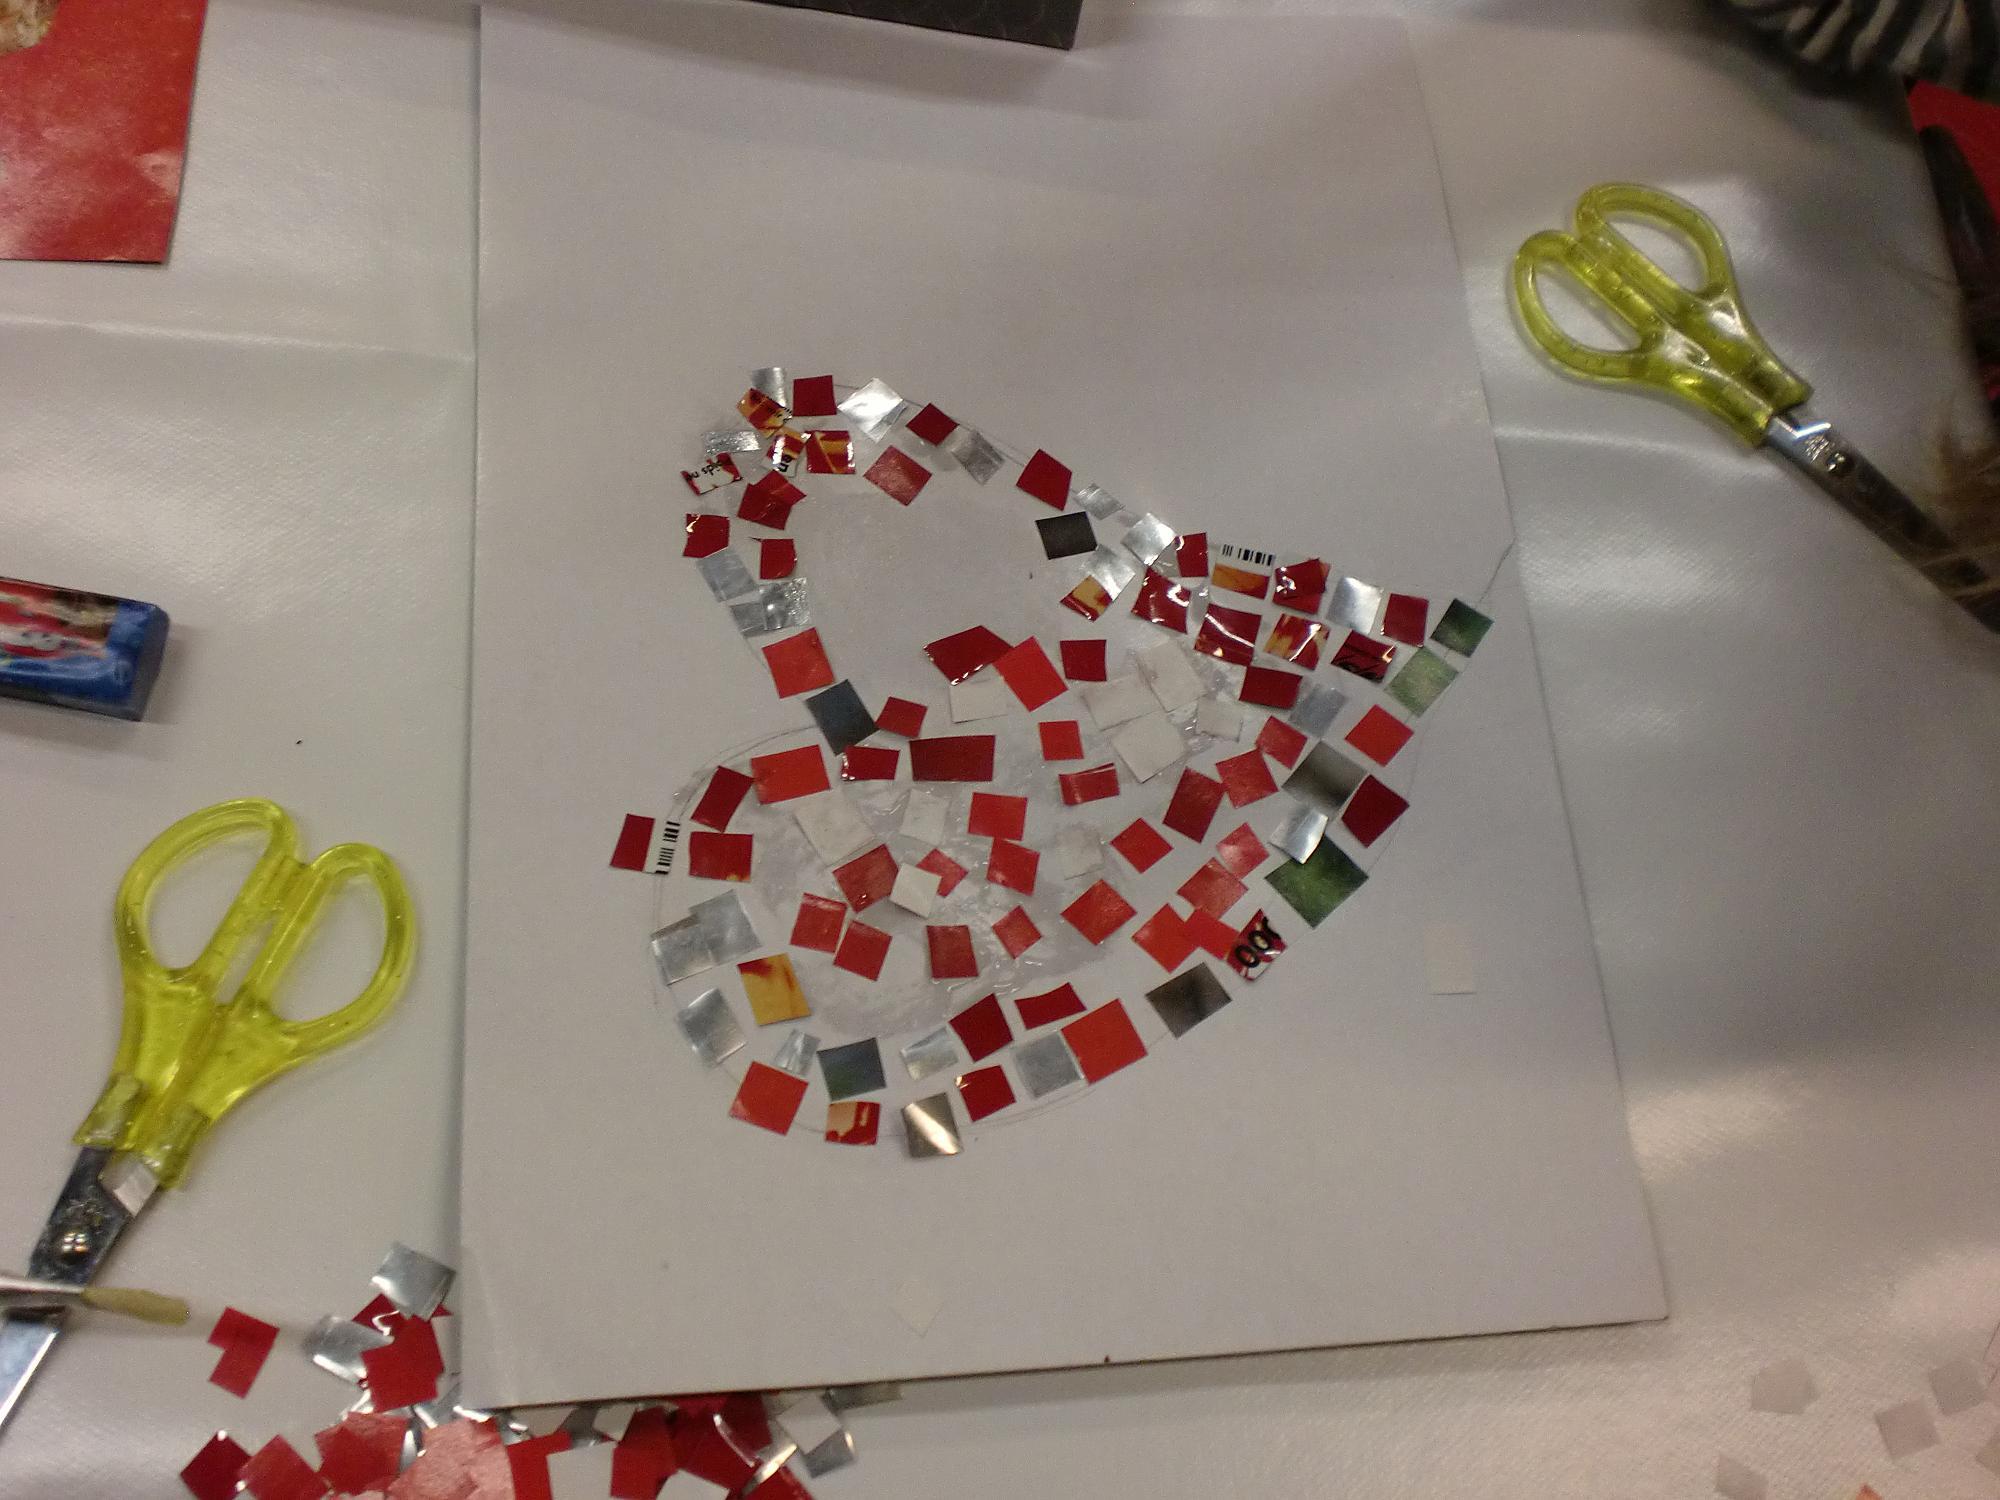 Eccezionale Laboratori creativi per bimbini | Noi dell'Arte UT56